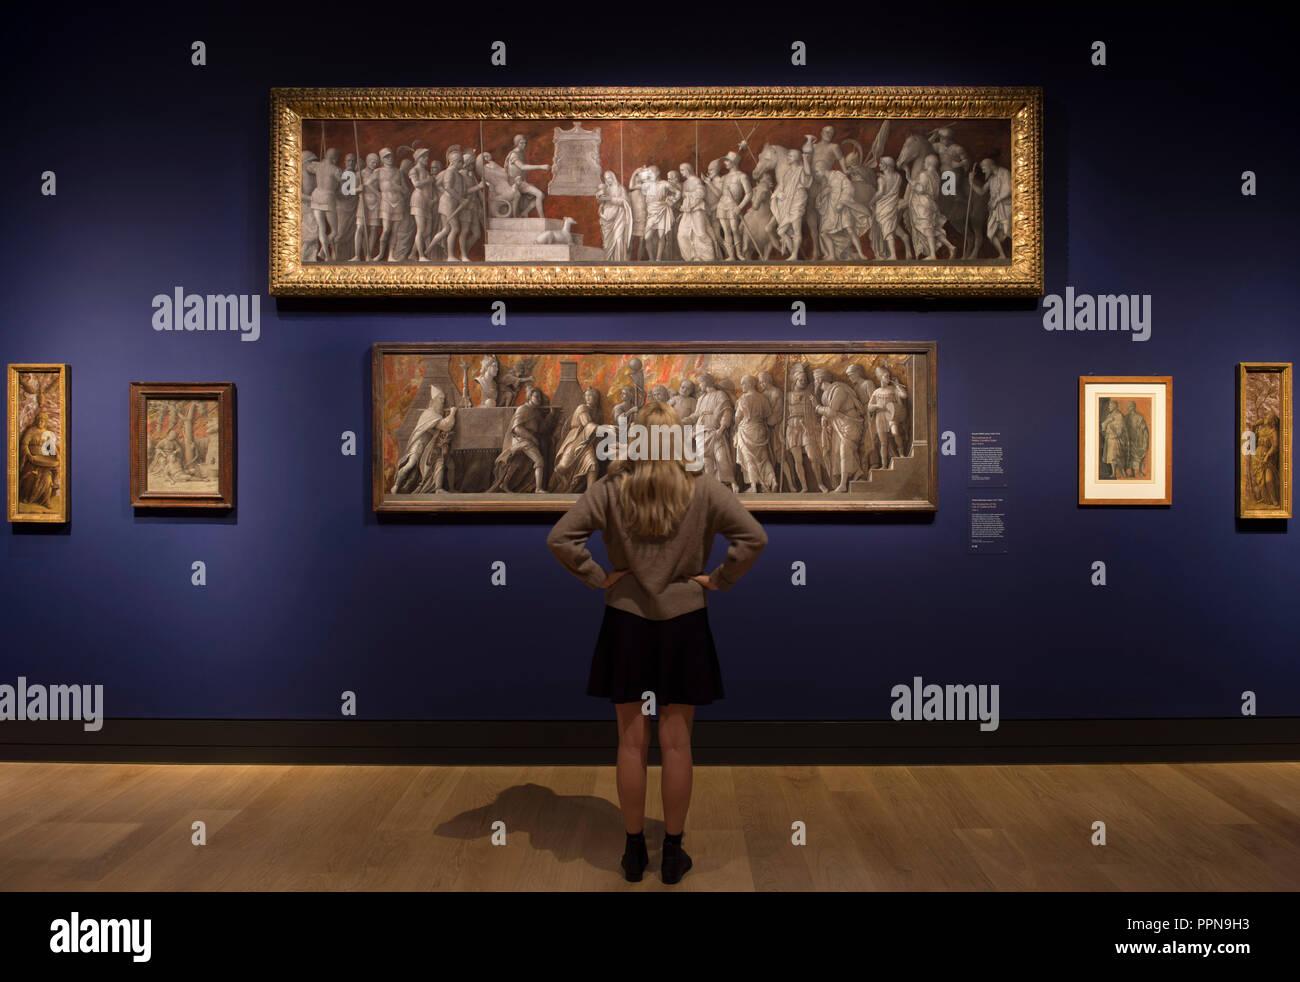 National Gallery, Londres, Royaume-Uni. 27 Septembre, 2018. À la suite de leurs carrières respectives à Padoue et Venise, et la renommée de Mantegna comme peintre de la cour à la puissante famille Gonzague dans les environs de Mantoue, 'Mantegna et Bellini' est la première exposition d'explorer les liens entre ces artistes créatifs et beaux-frères. L'image (haut): Giovanni Bellini, la continence de Publius Cornelius Scipio, sur 1506-8. National Gallery of Art, Washington, Samuel H. Kress Collection; (en bas): Andrea Mantegna, l'introduction du culte de Cybèle à Rome, 1505-6. Credit: Malcolm Park/Alamy Live News. Banque D'Images